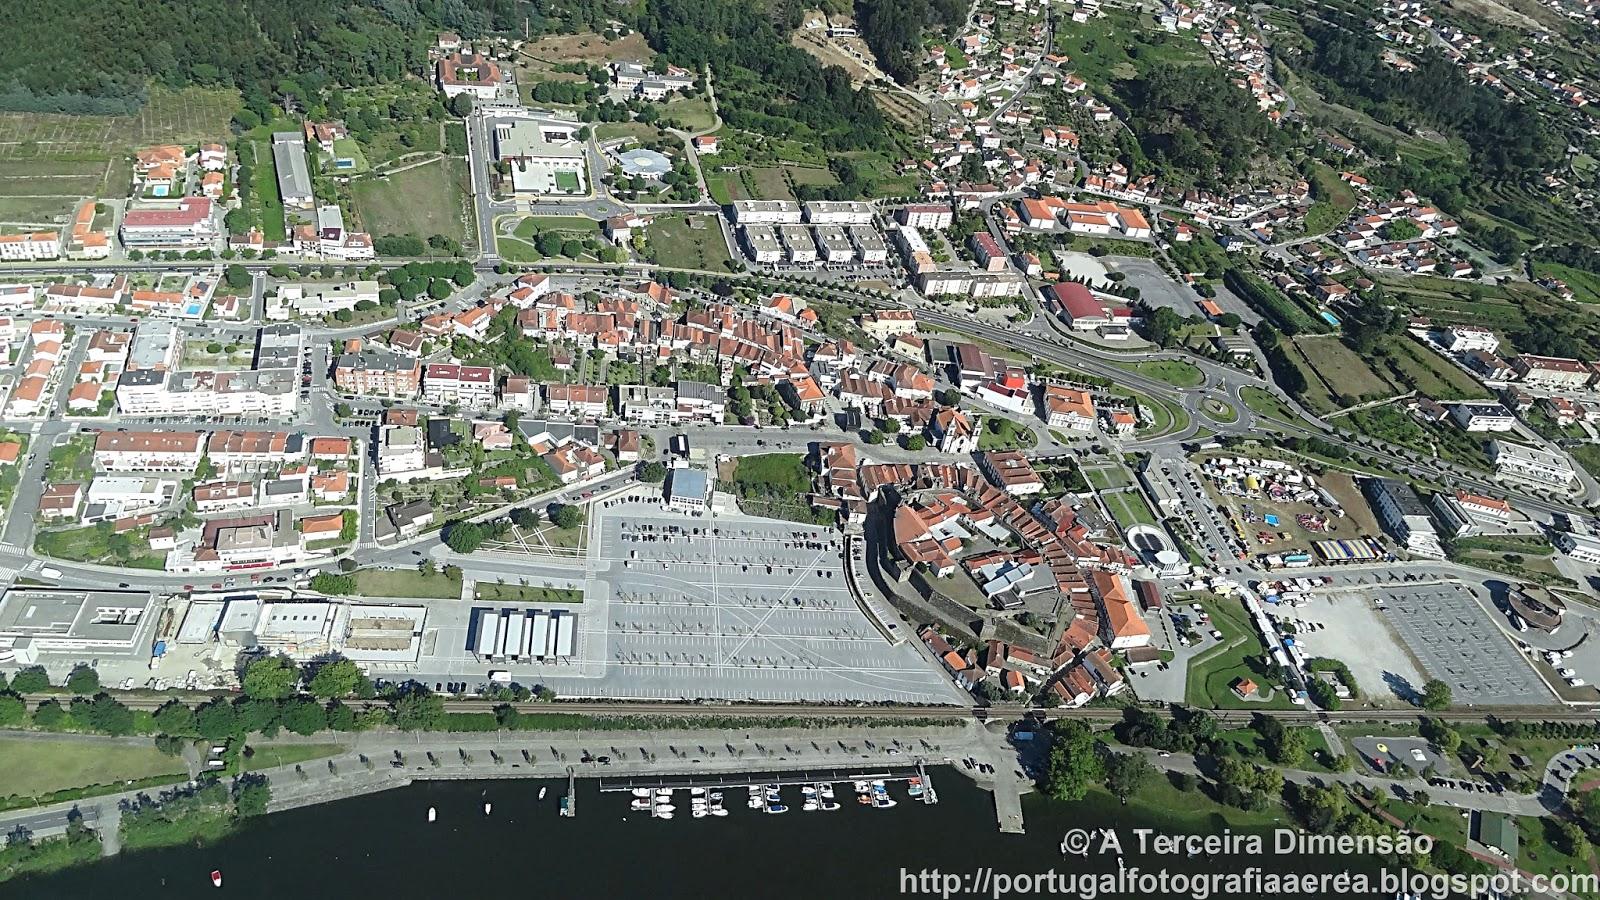 A terceira dimens o vila nova de cerveira - Vilanova de cerveira ...